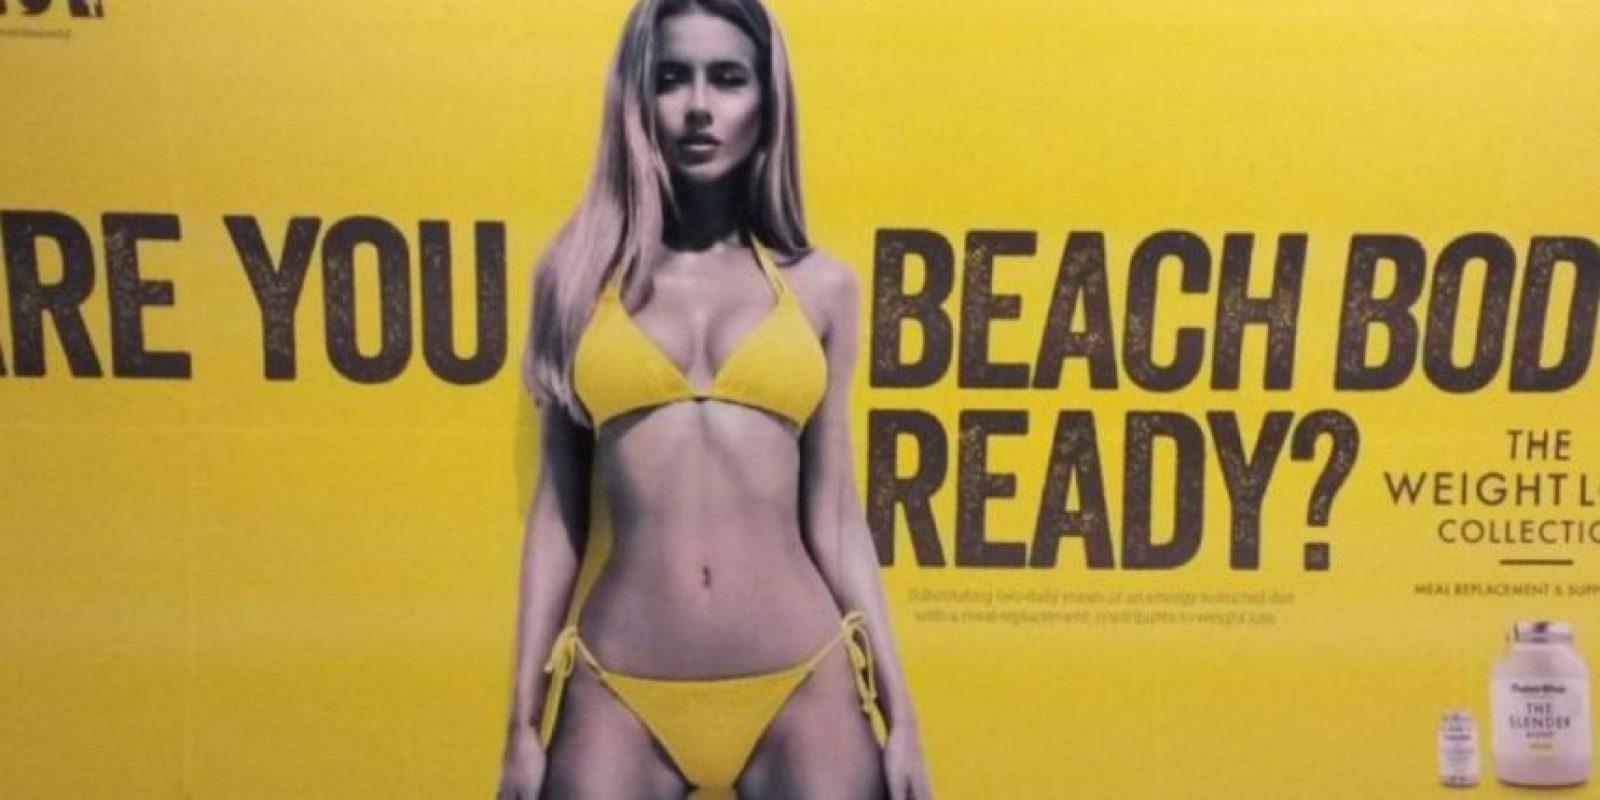 ¿Está su cuerpo listo para la playa? Es lo que pregunta la modelo que aparece en el cartel que ha causado tanta polémica. Foto:Vía Twitter @flowdigitalltd